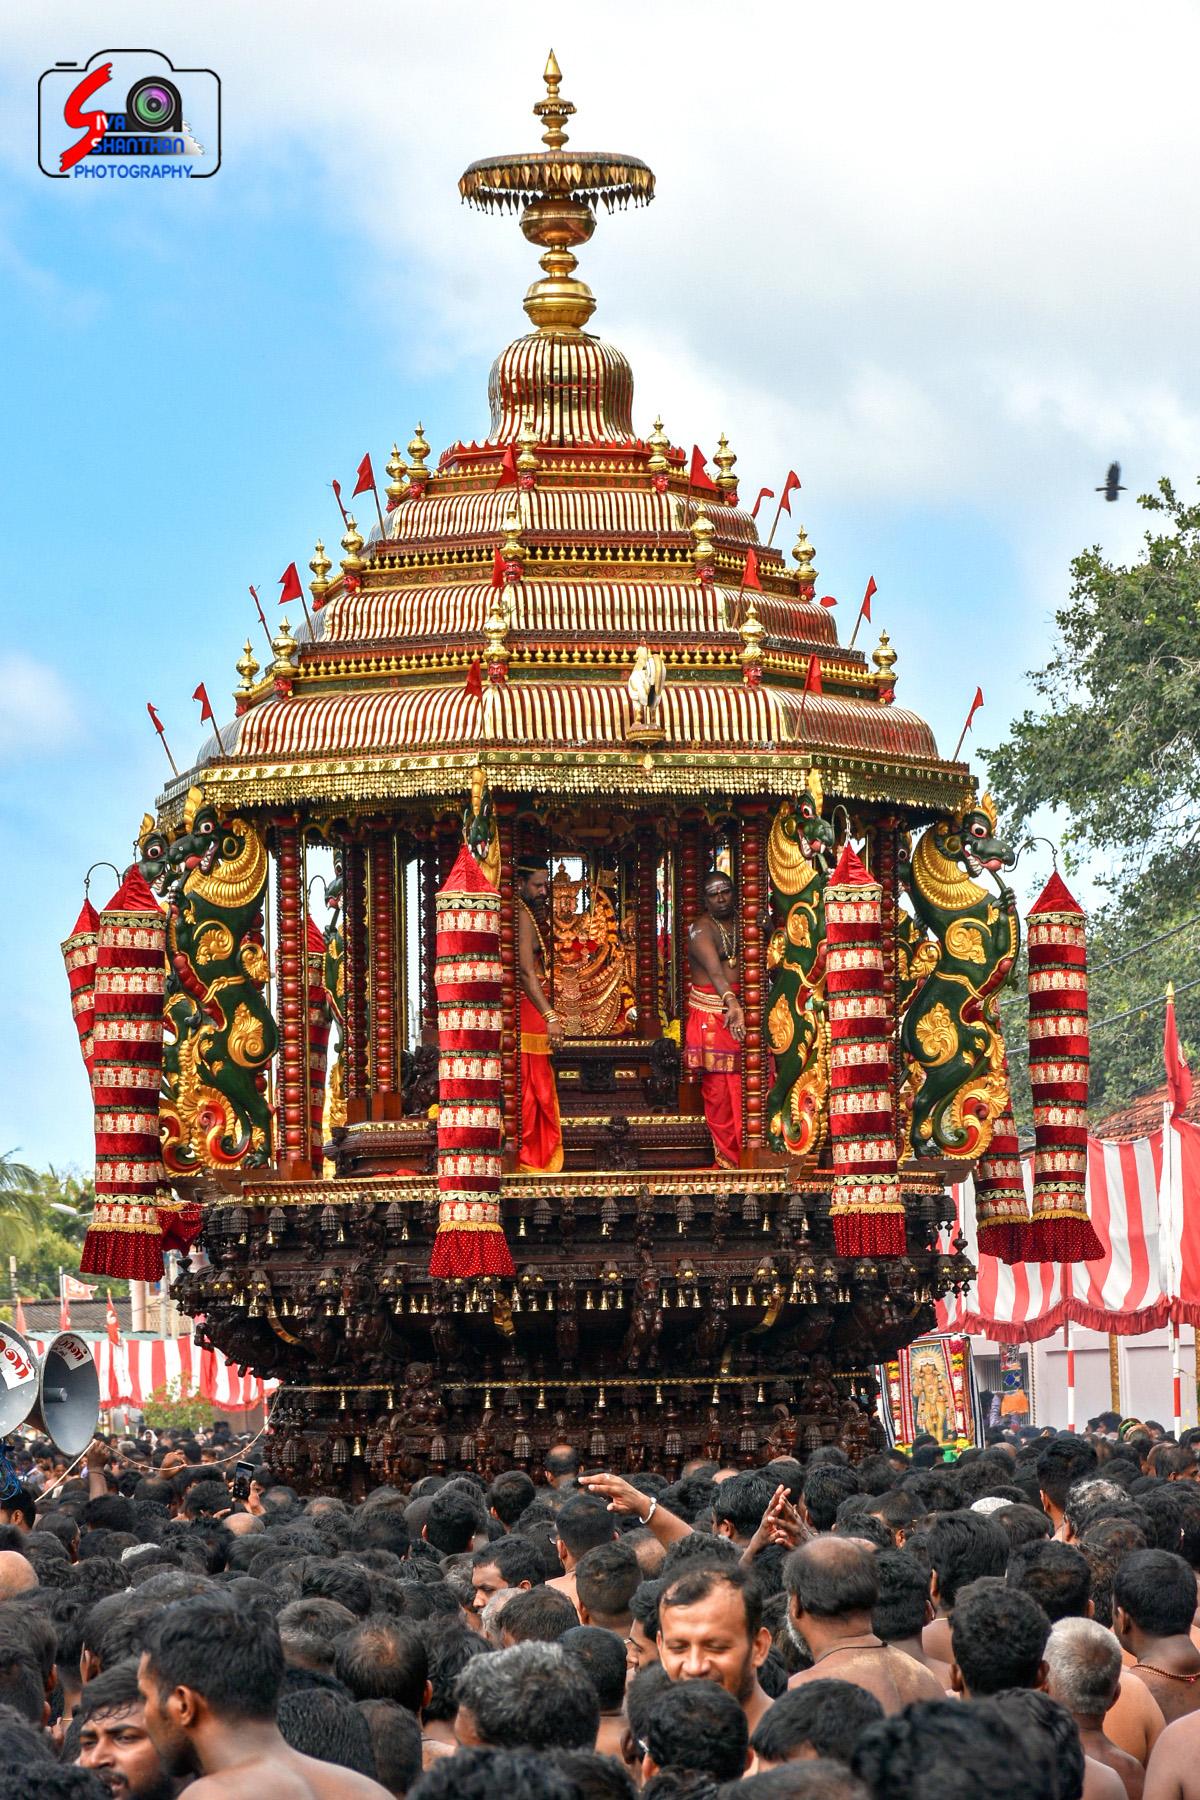 யாழ்ப்பாணம் – நல்லூர் கந்தசுவாமி கோவில் தேர்த்திருவிழா - படங்கள் மற்றும் வீடியோ 17